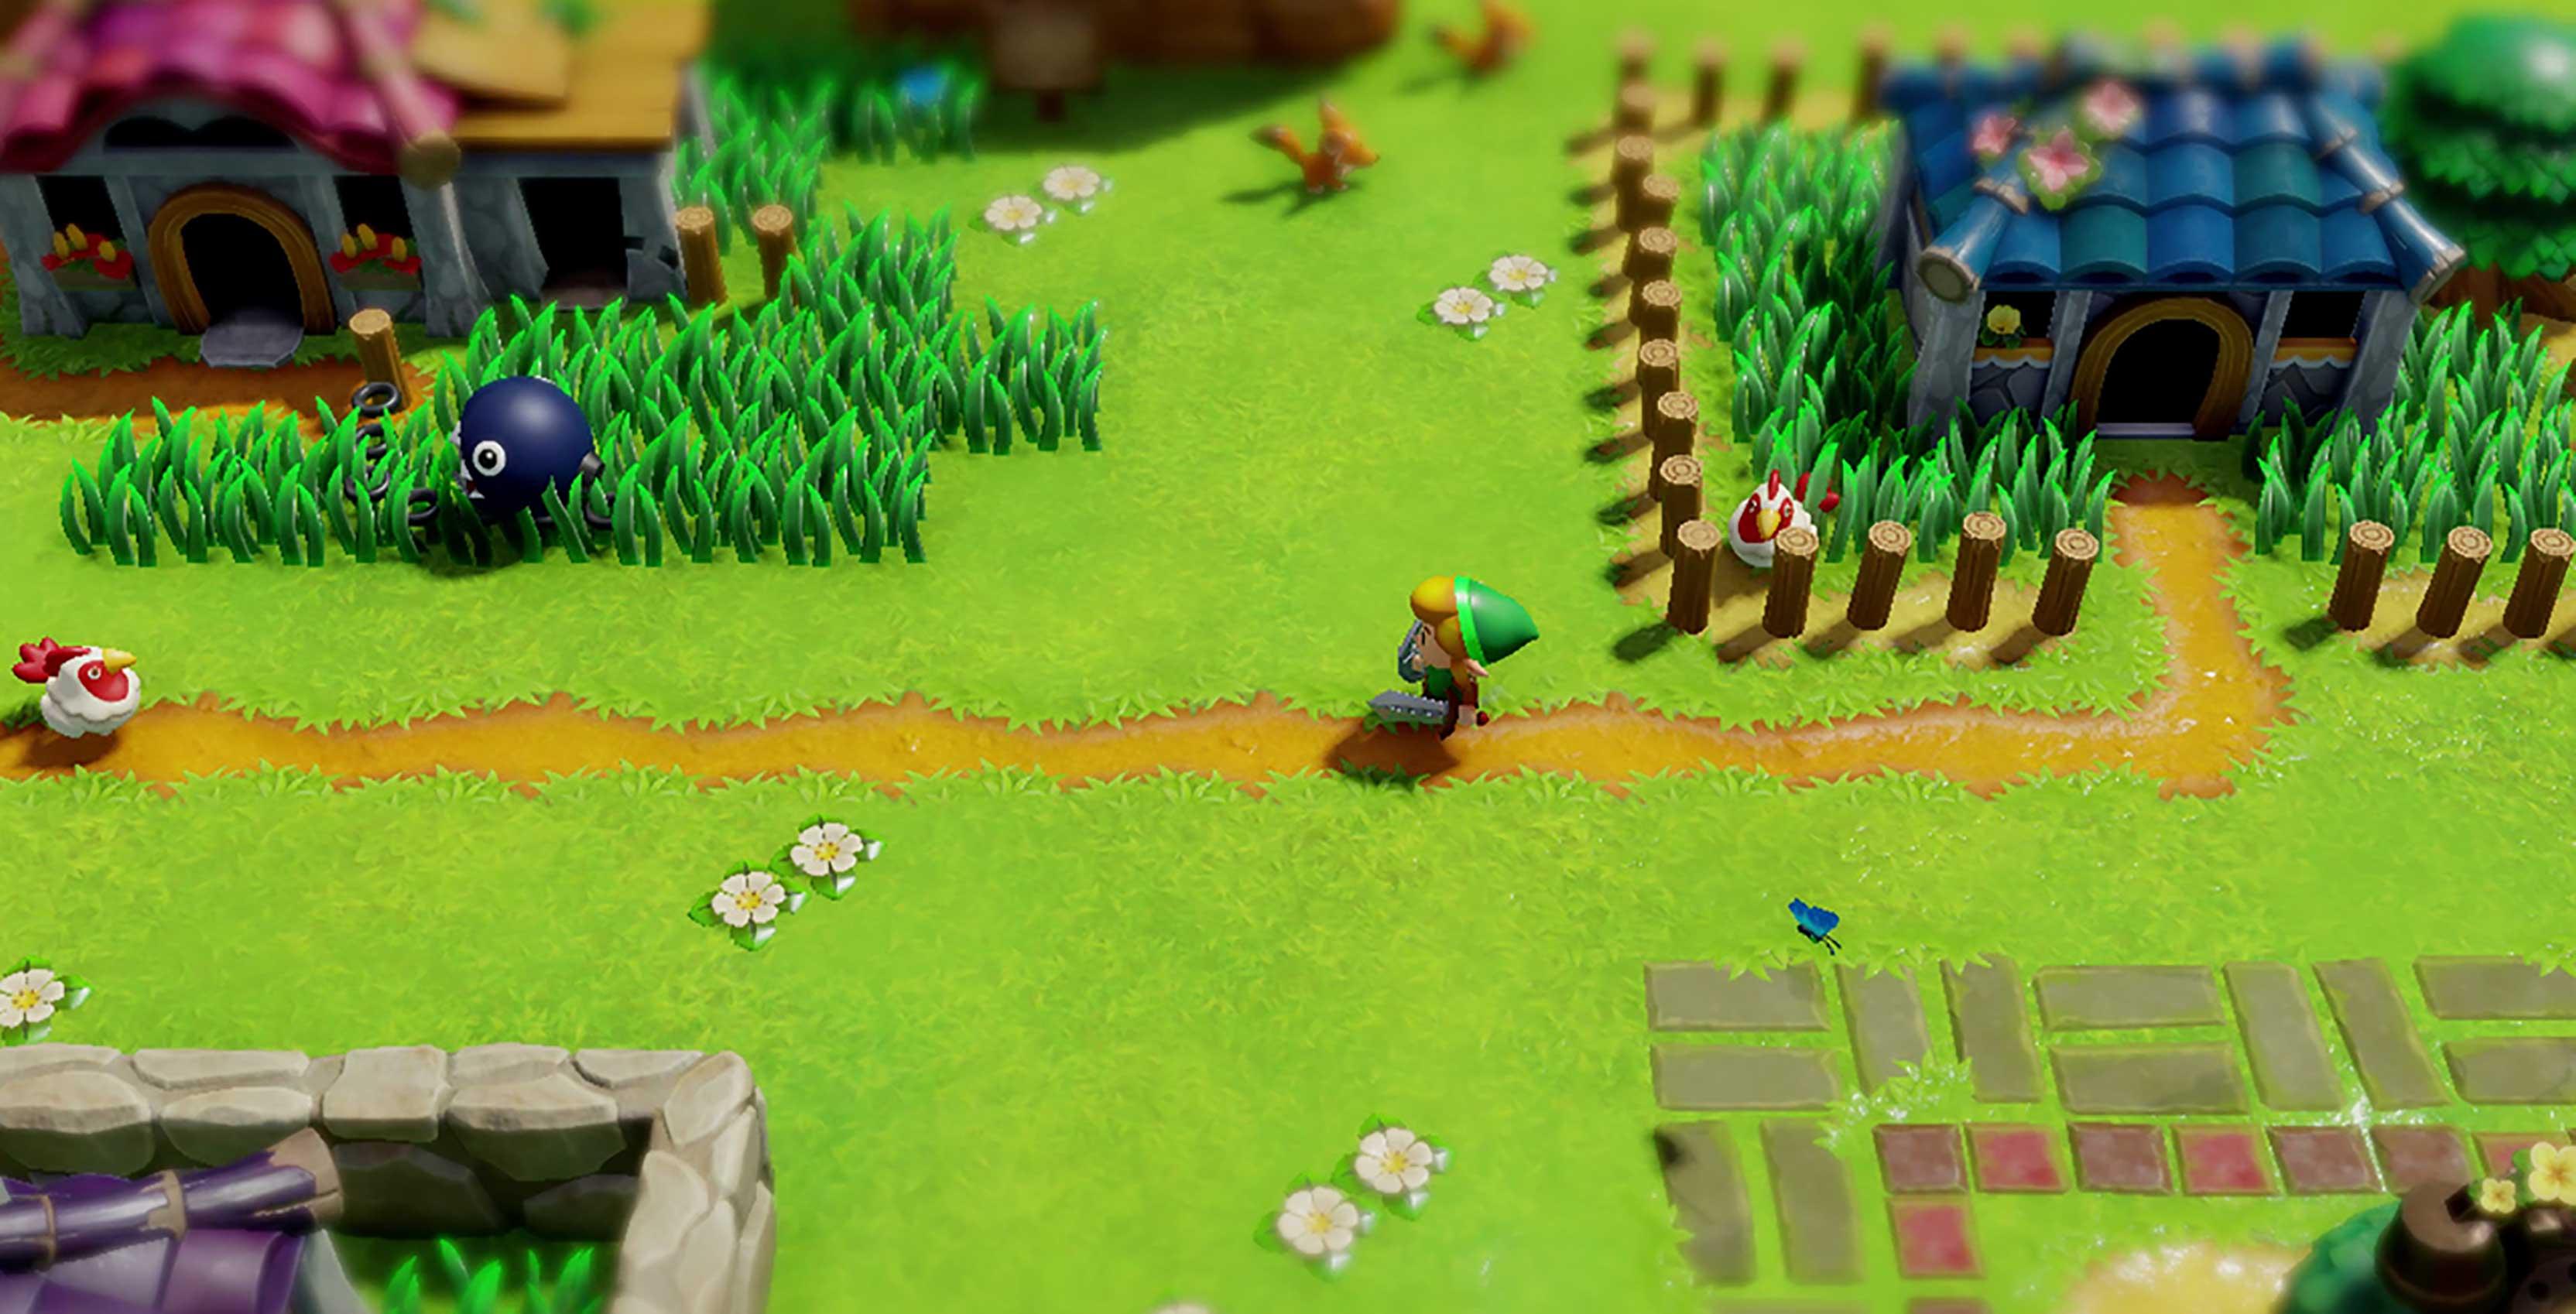 Link's Awakening remake